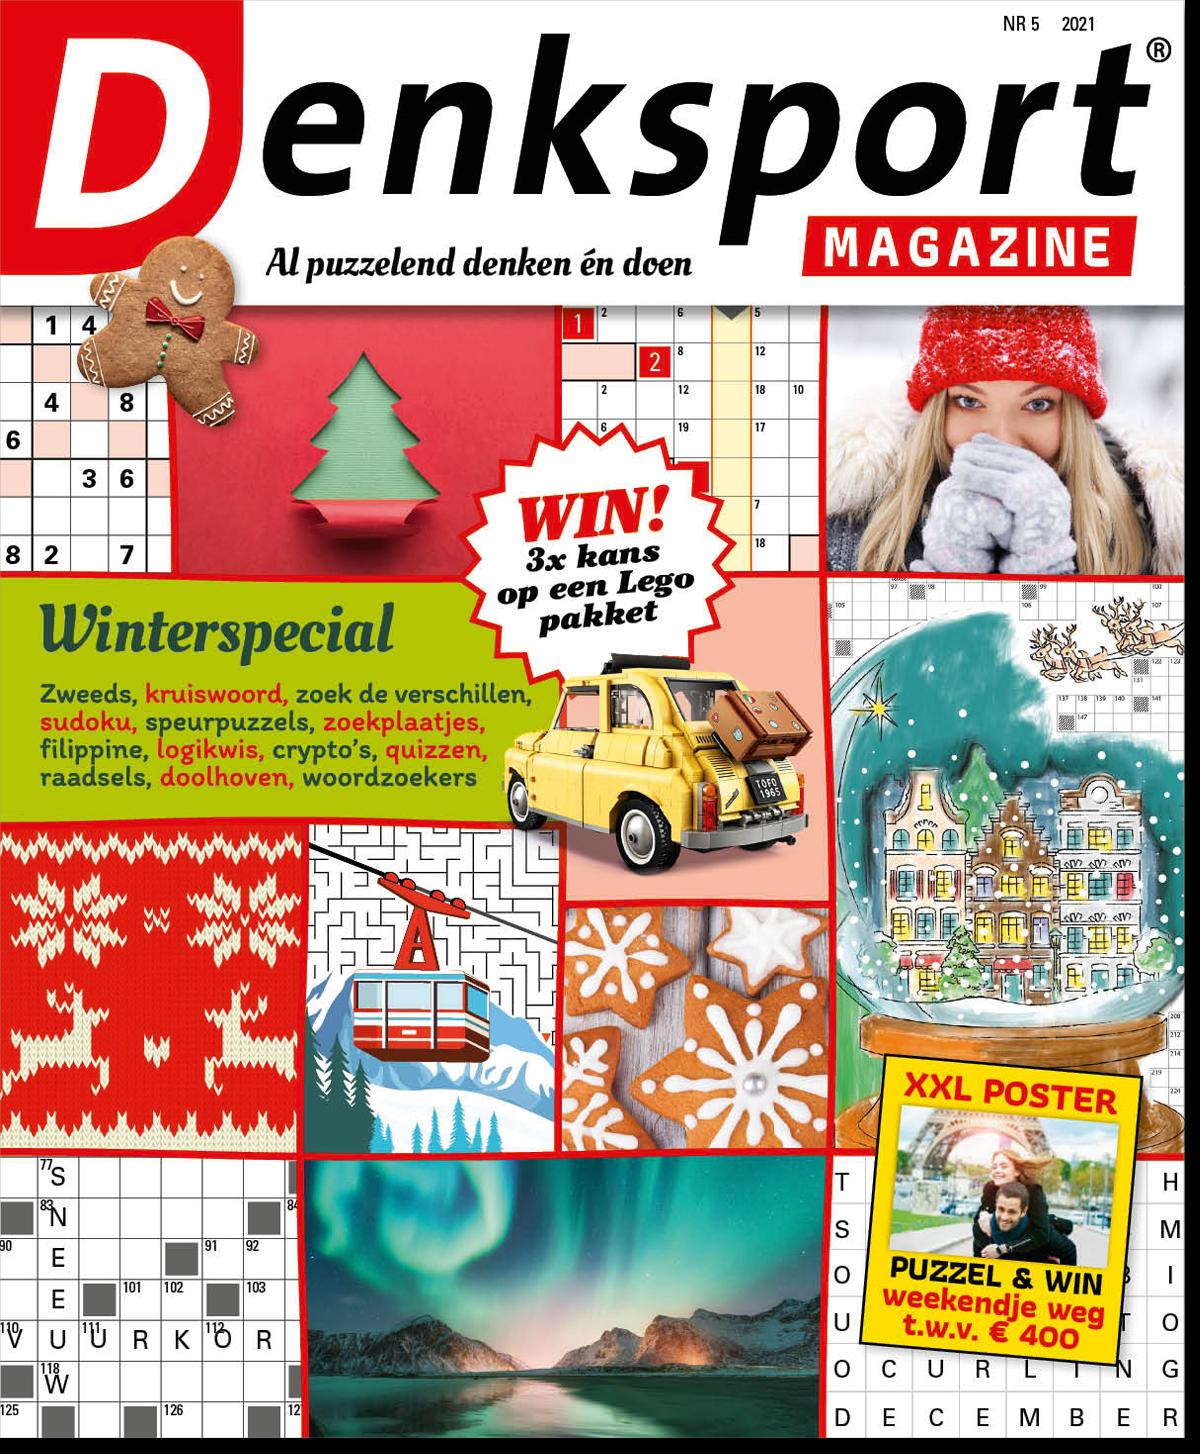 Afbeelding van Denksport Magazine - Editie 5